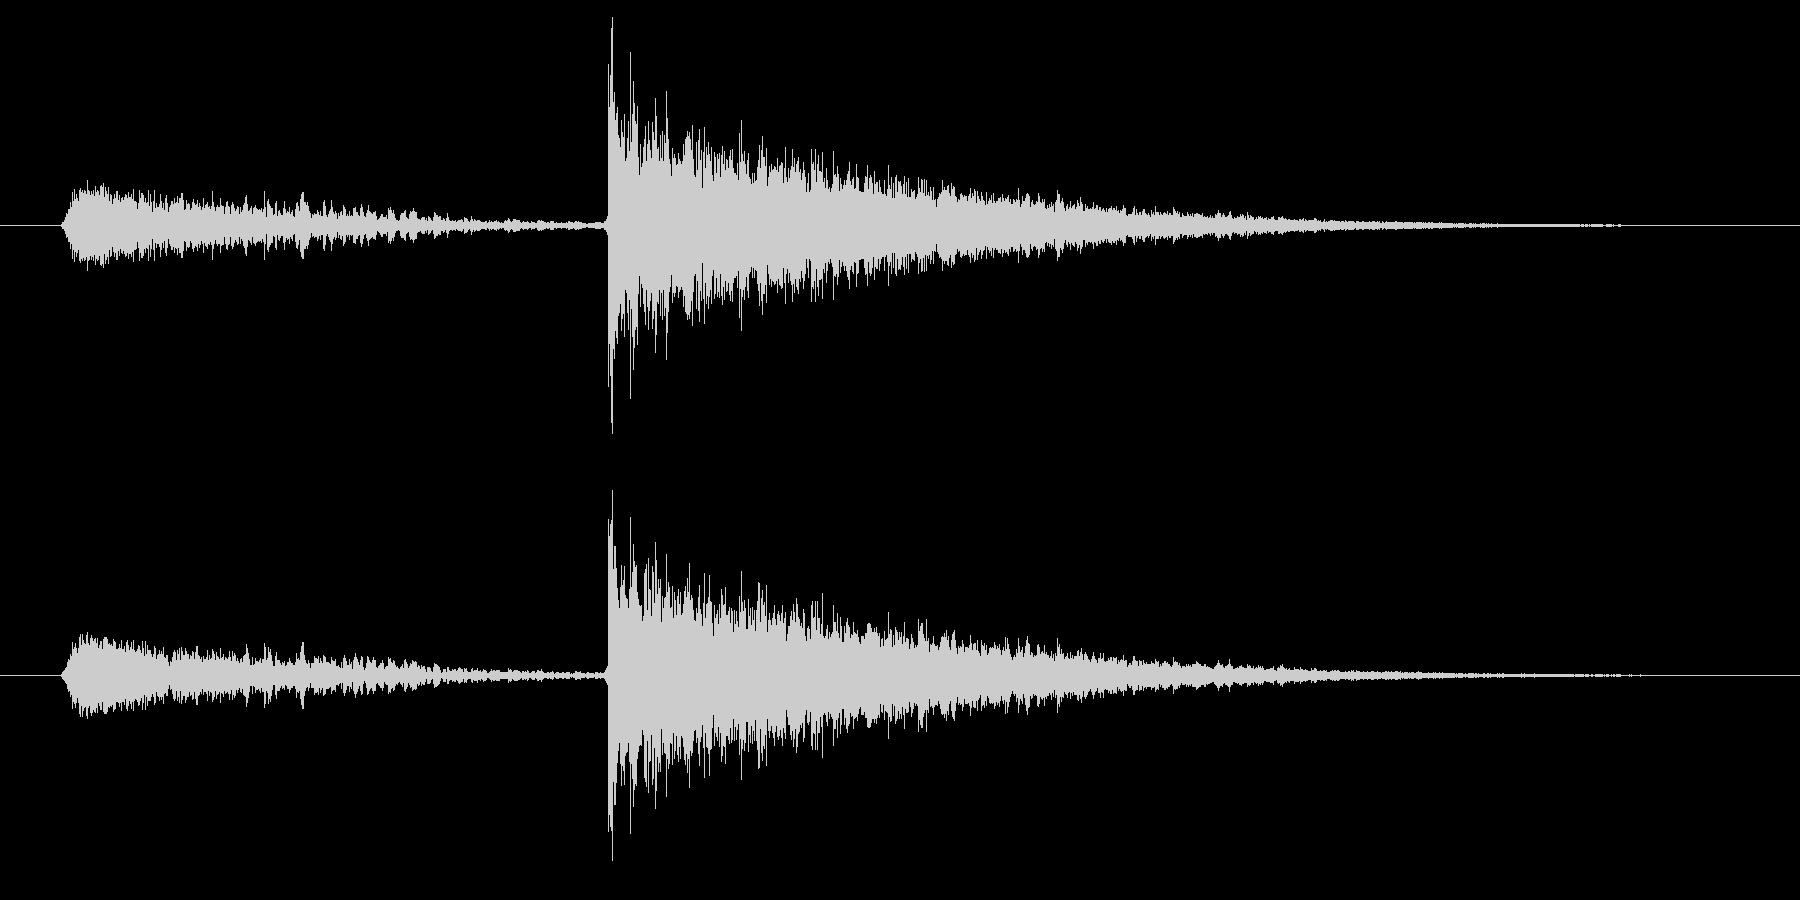 闇のスキルが成長したときの効果音の未再生の波形